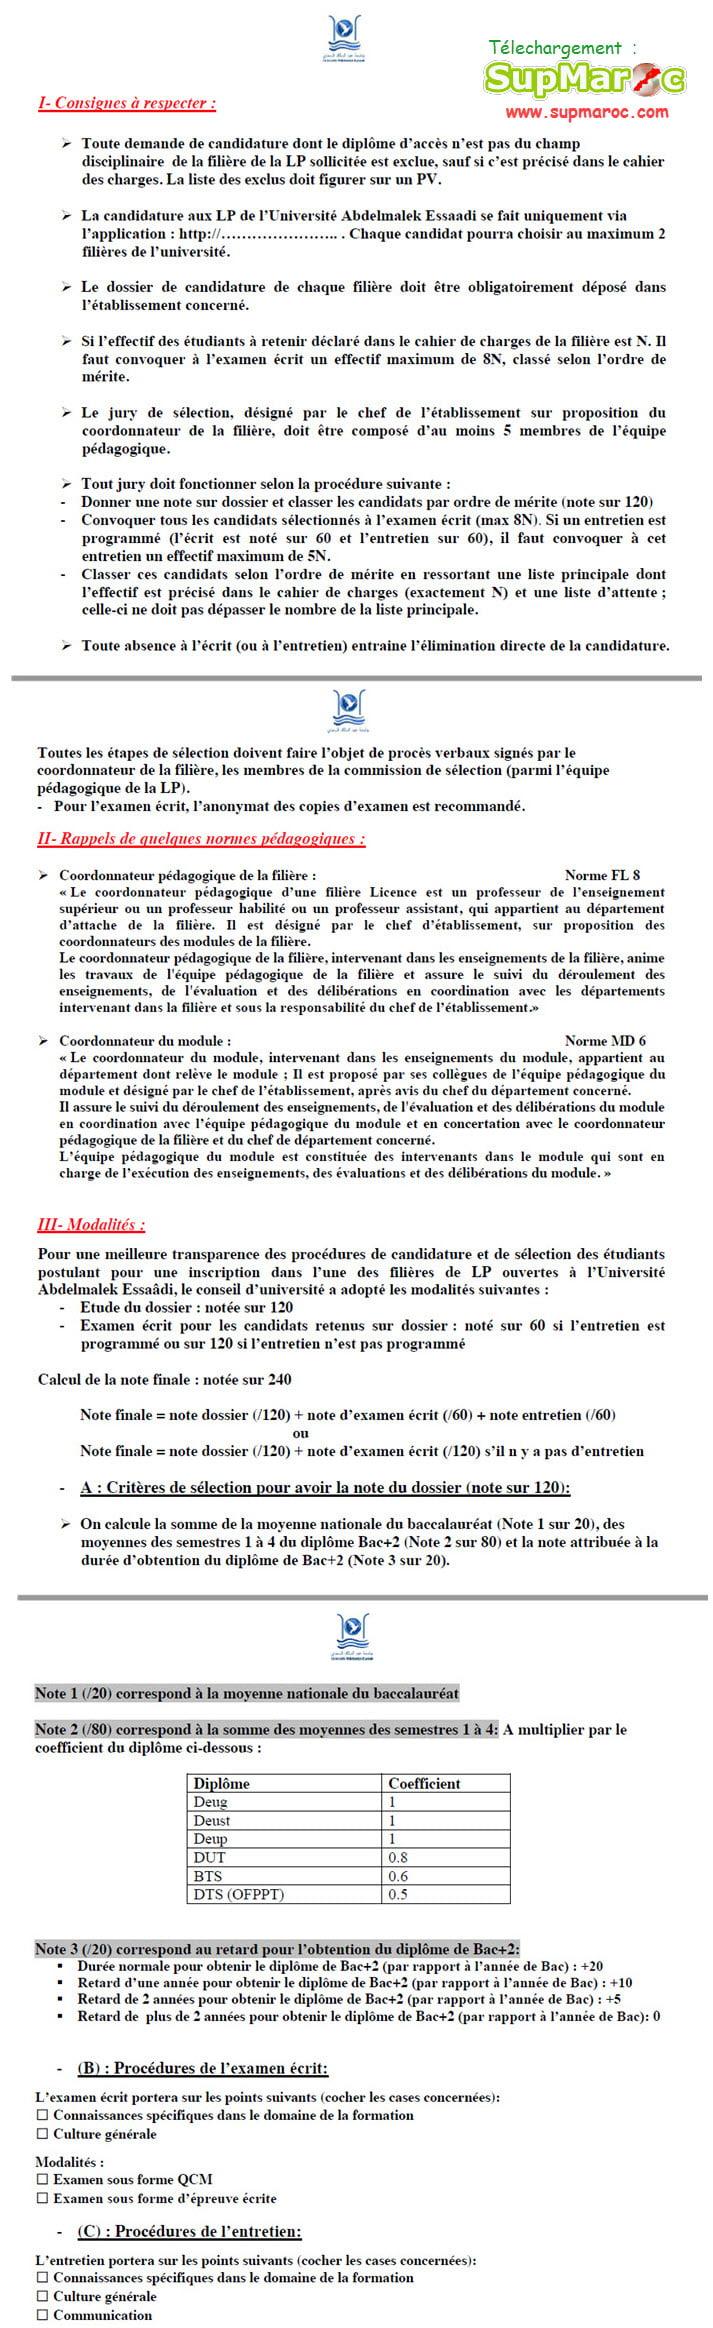 LP Consignes à respecterCritères de Selection et concours